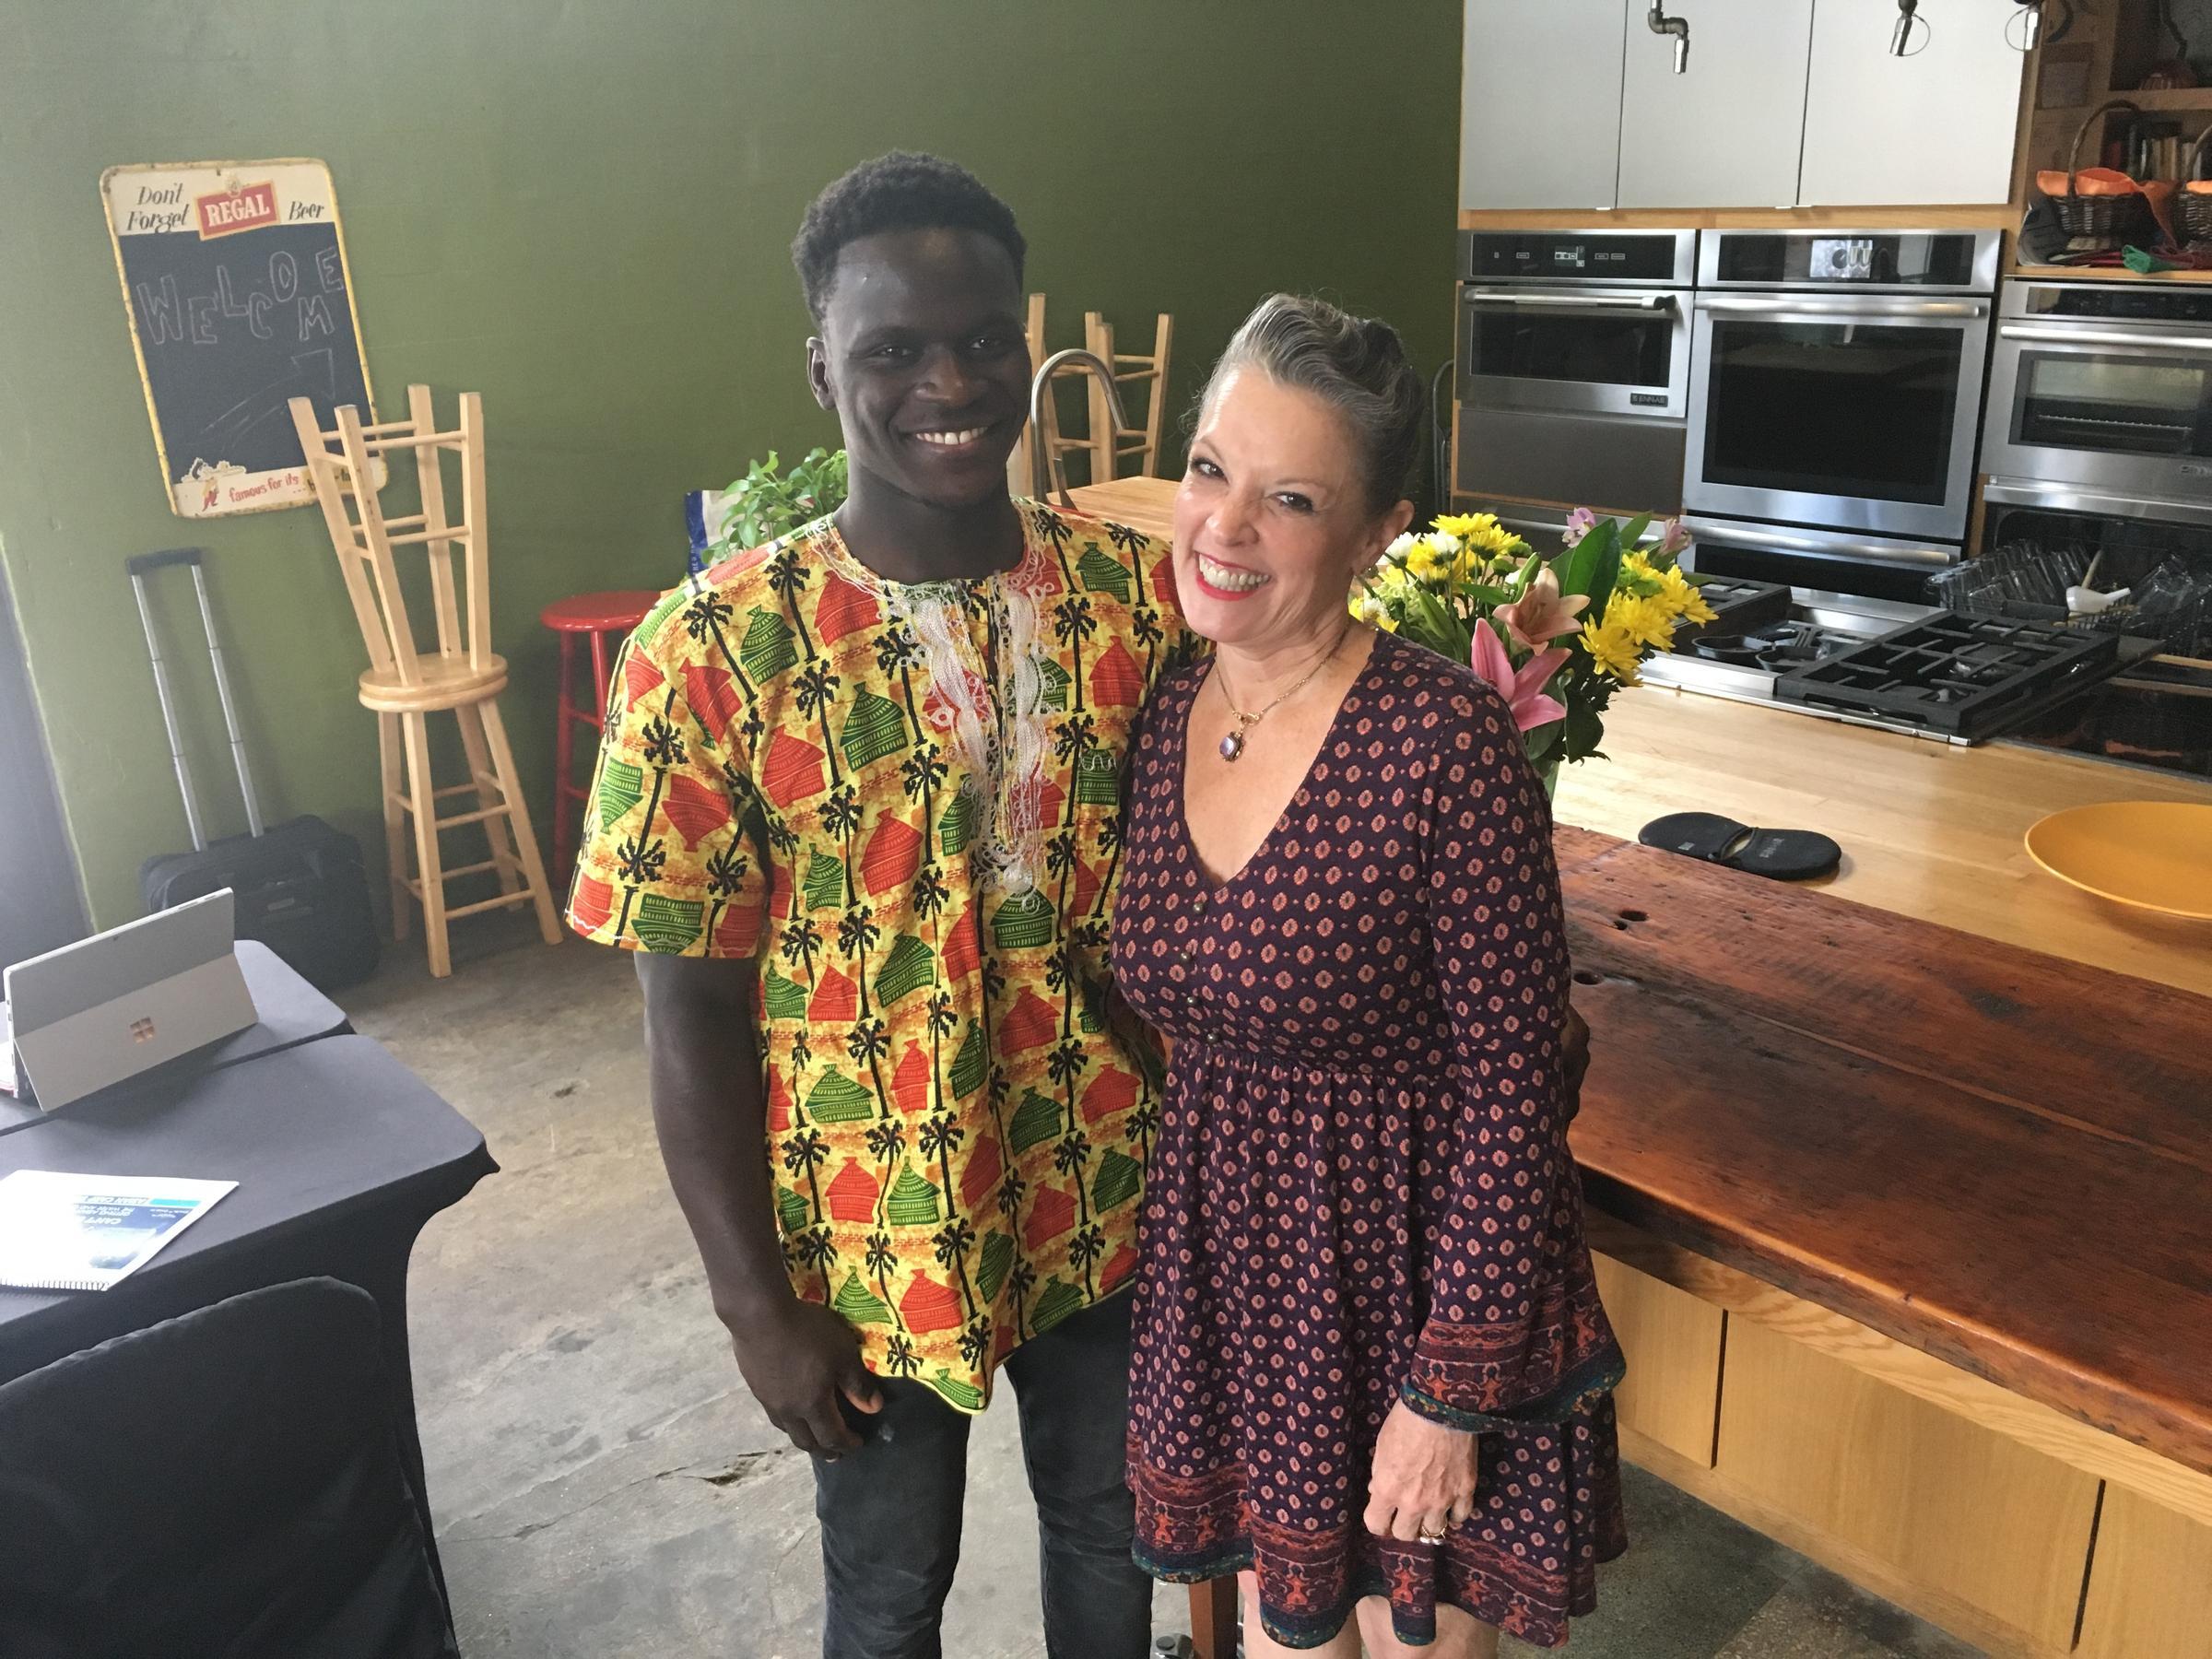 Host Poppy Tooker and Serigne Mbaye    JOE SHRINER/LOUISIANA EATS